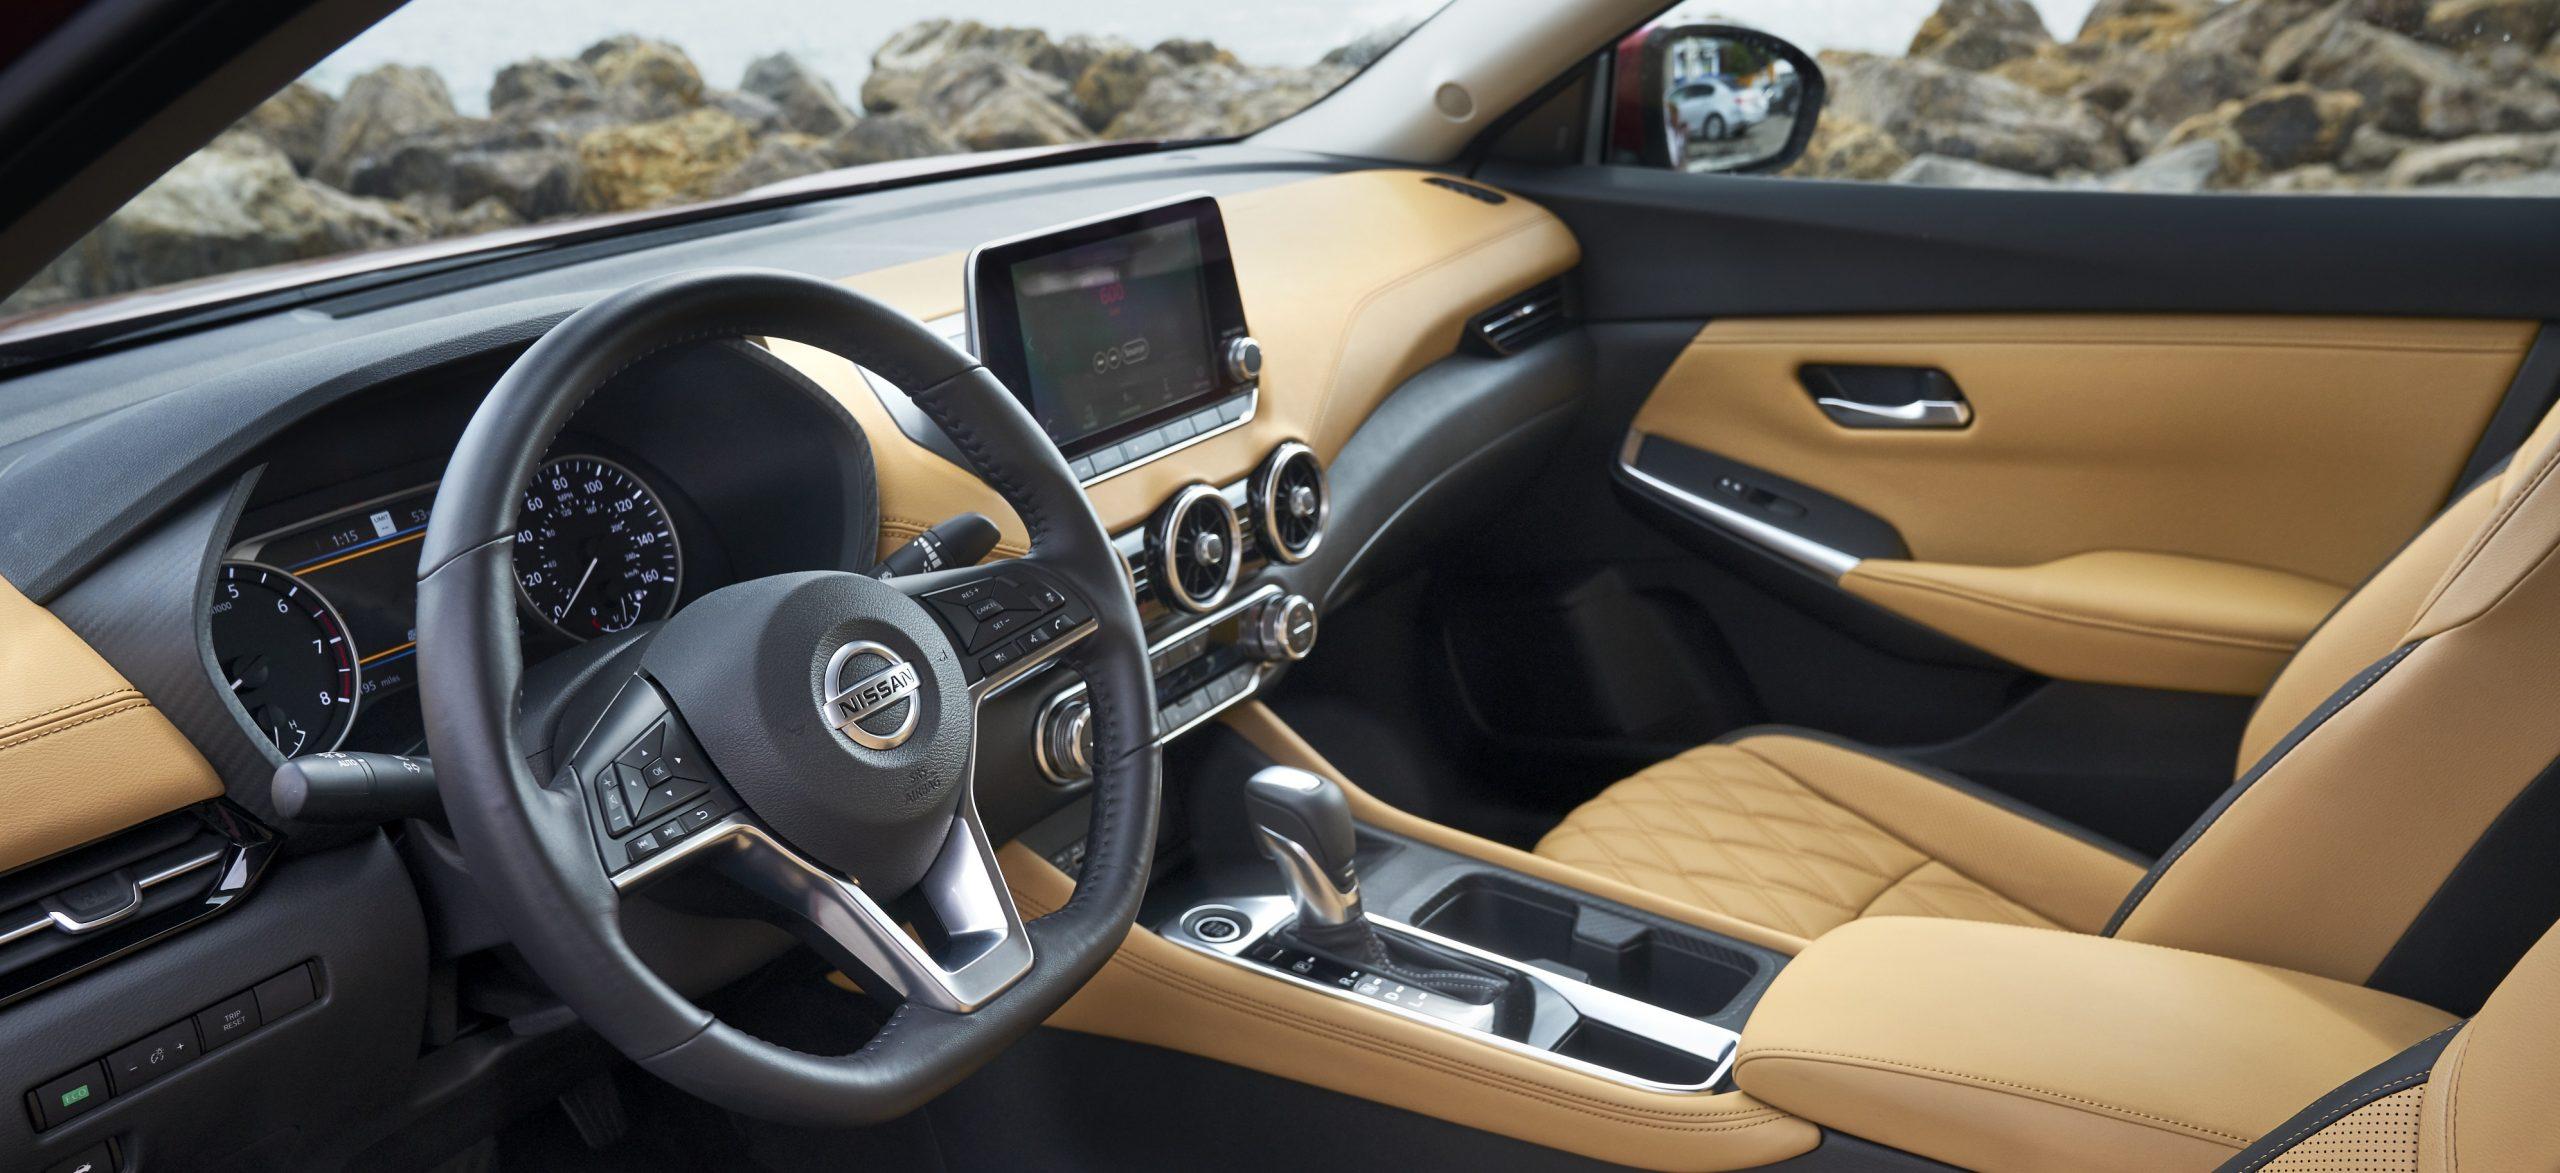 Nissan Sentra interior Browsville